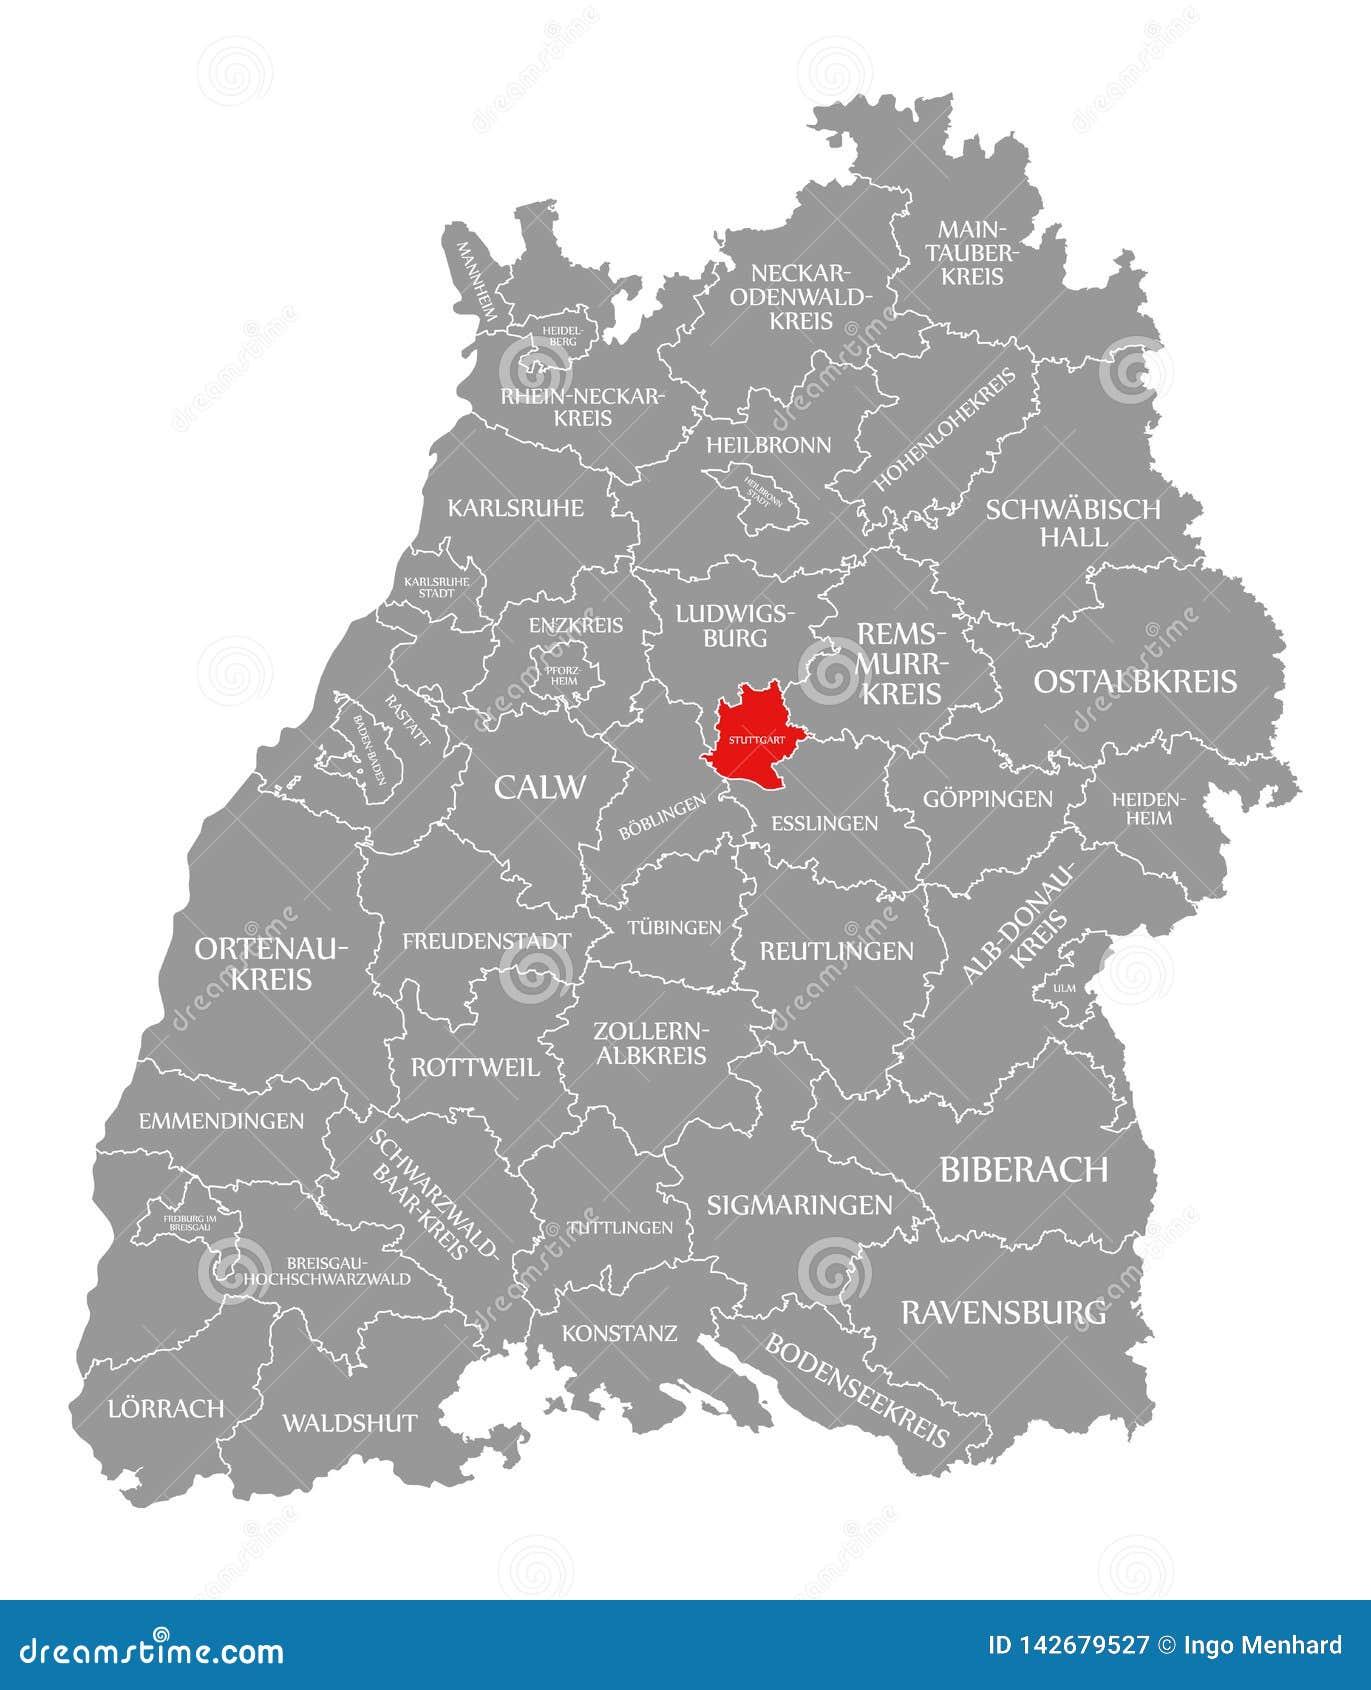 Stuttgart Map Of Germany.Stuttgart County Red Highlighted In Map Of Baden Wuerttemberg